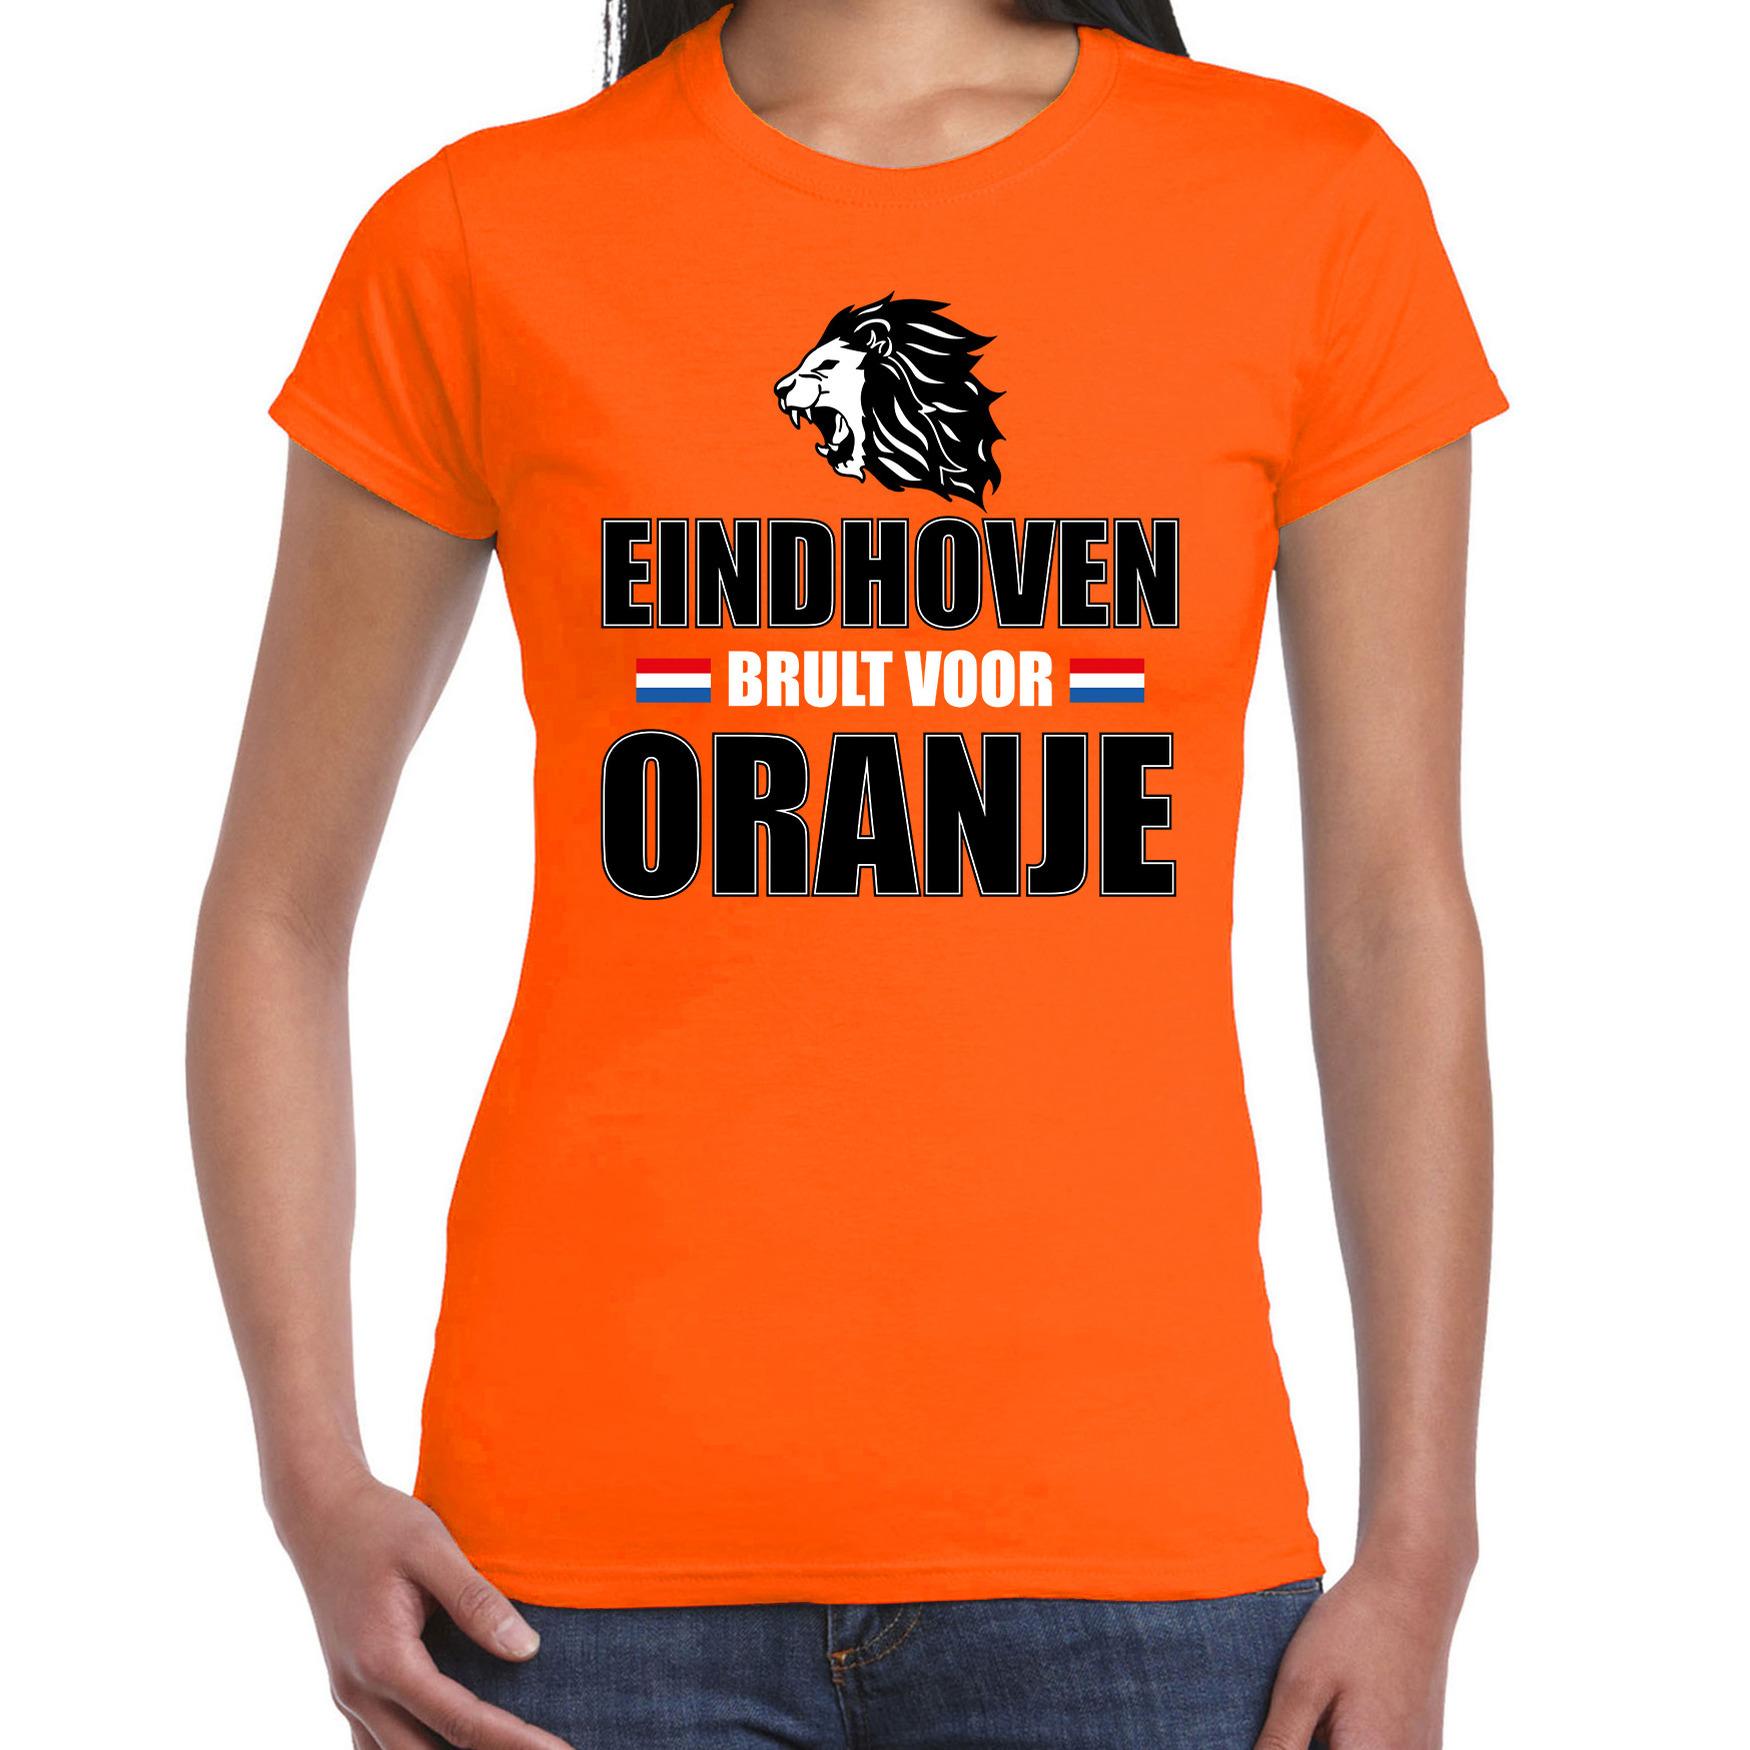 Oranje t-shirt Eindhoven brult voor oranje dames Holland-Nederland supporter shirt EK- WK